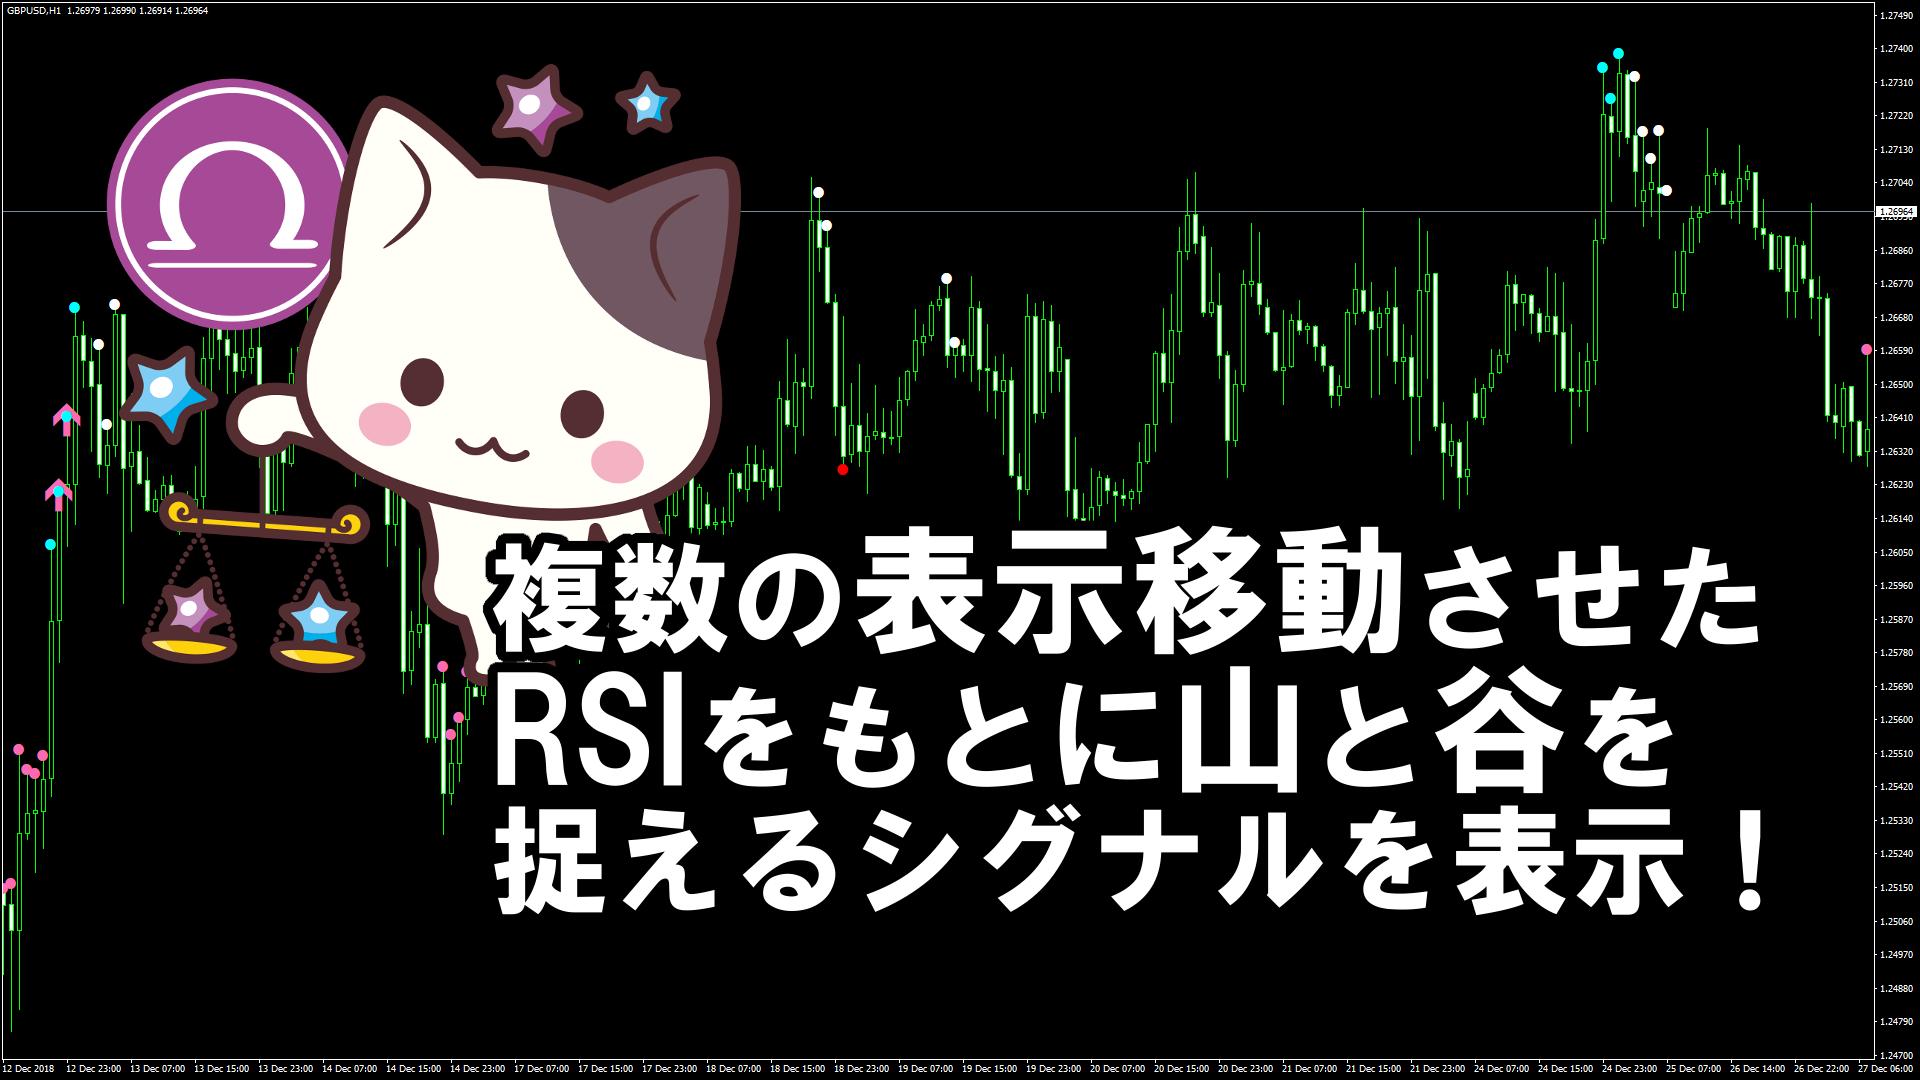 複数の表示移動させたRSIをもとに山と谷を捉えるシグナルを表示するMT4インジケーター『5Min_rsi_01a』